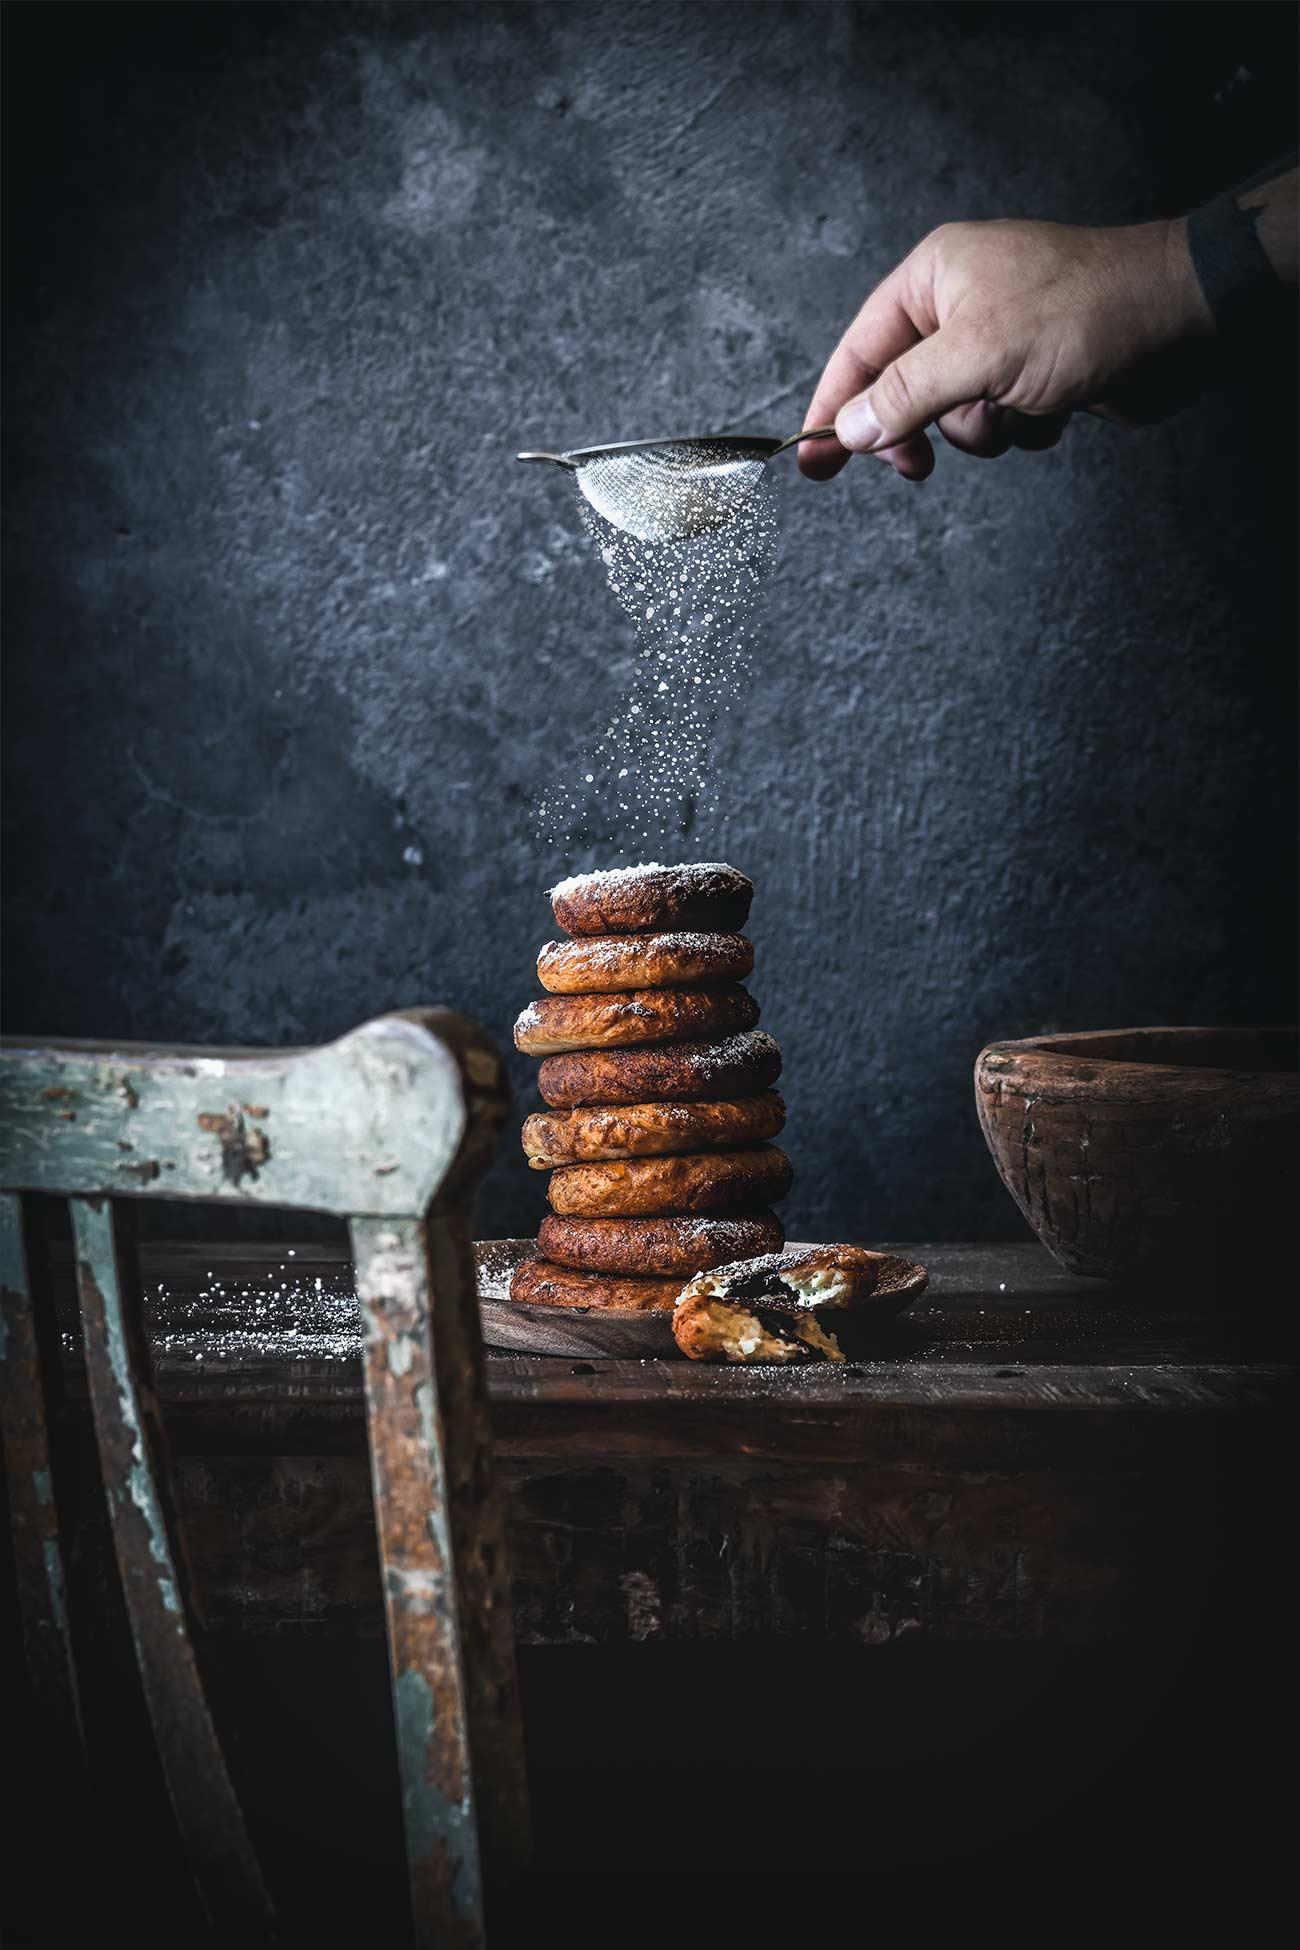 Einige konnten mich bei der Zubereitung der Pfannküchlein in den Instagram-Storys schon sehen und haben schon nach dem Rezept gefragt. Jetzt hab ich es endlich geschafft, das Rezept aufzuschreiben. Und wo ich diese kleinen, fluffigen Dinger so sehe, könnte ich mich direkt noch einmal ans frittieren machen. Die waren nämlich unglaublich lecker.